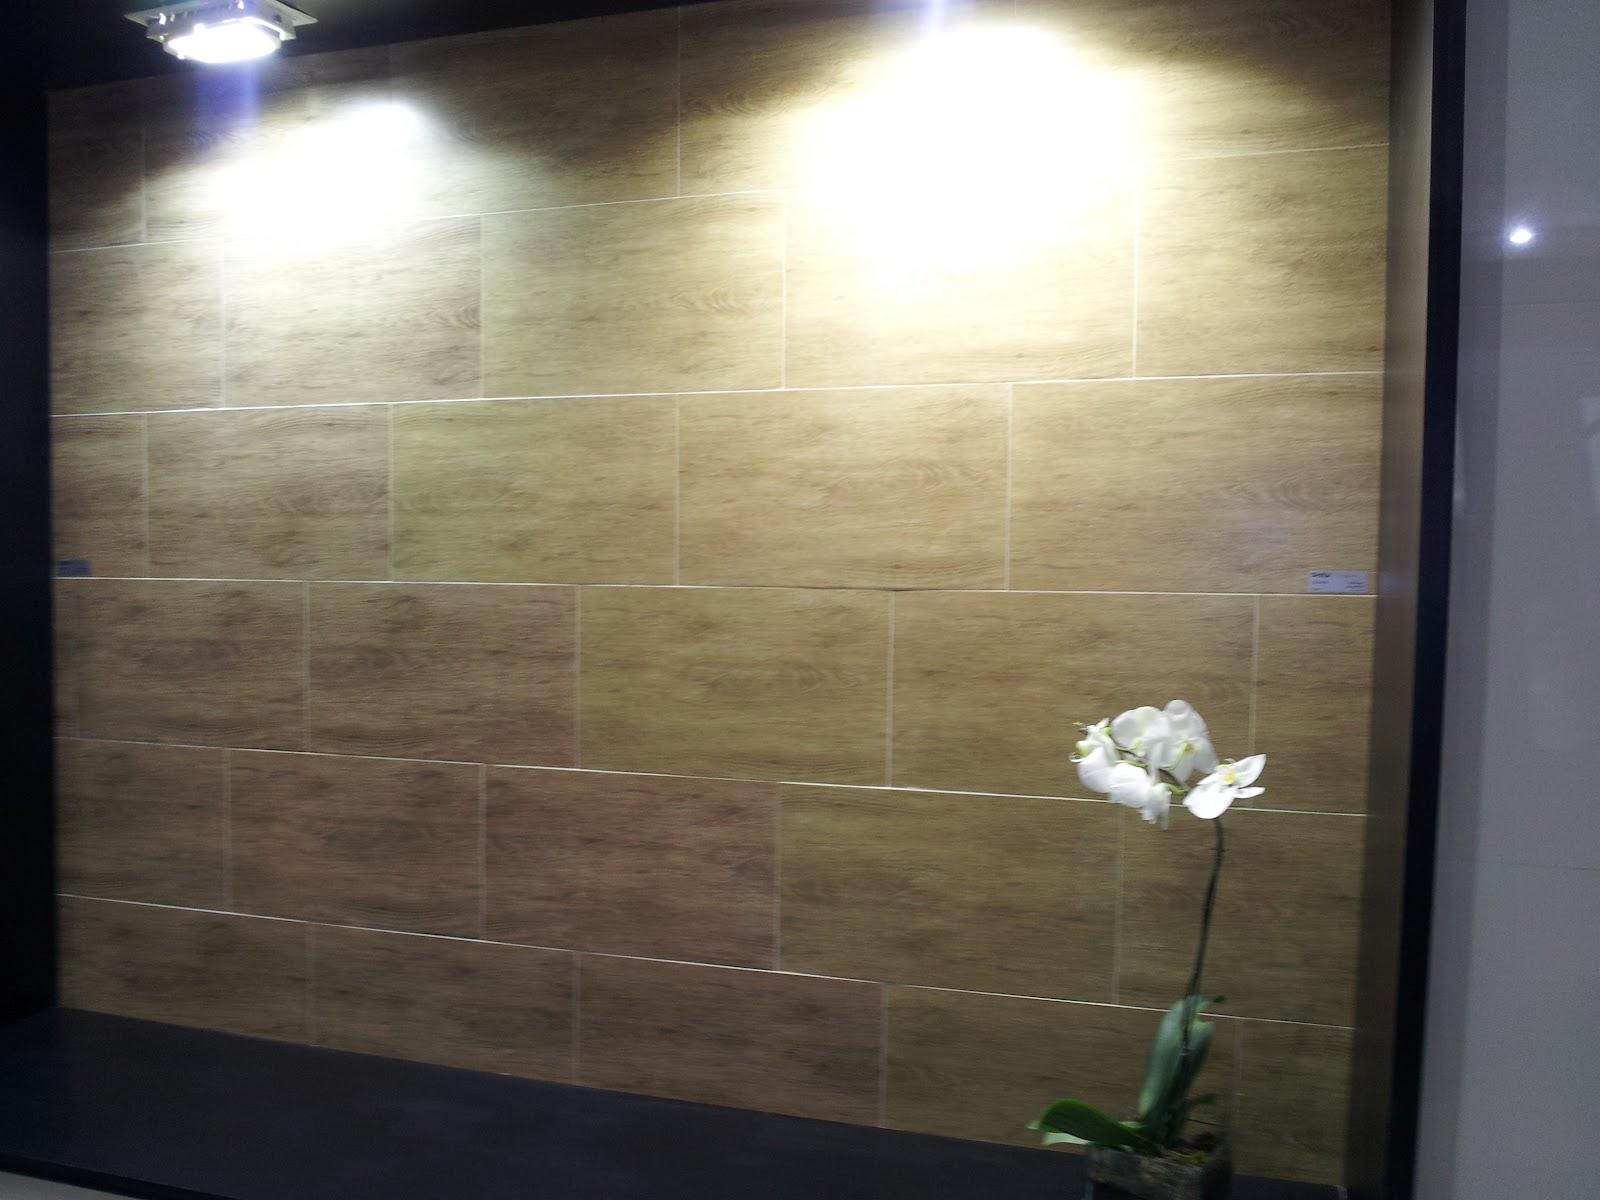 Imagens de #898042 MARQUEIRO REPRESENTAÇÕES: Porcelanatos 31x54 Retificados Amadeirados 1600x1200 px 3510 Blindex Fosco Banheiro